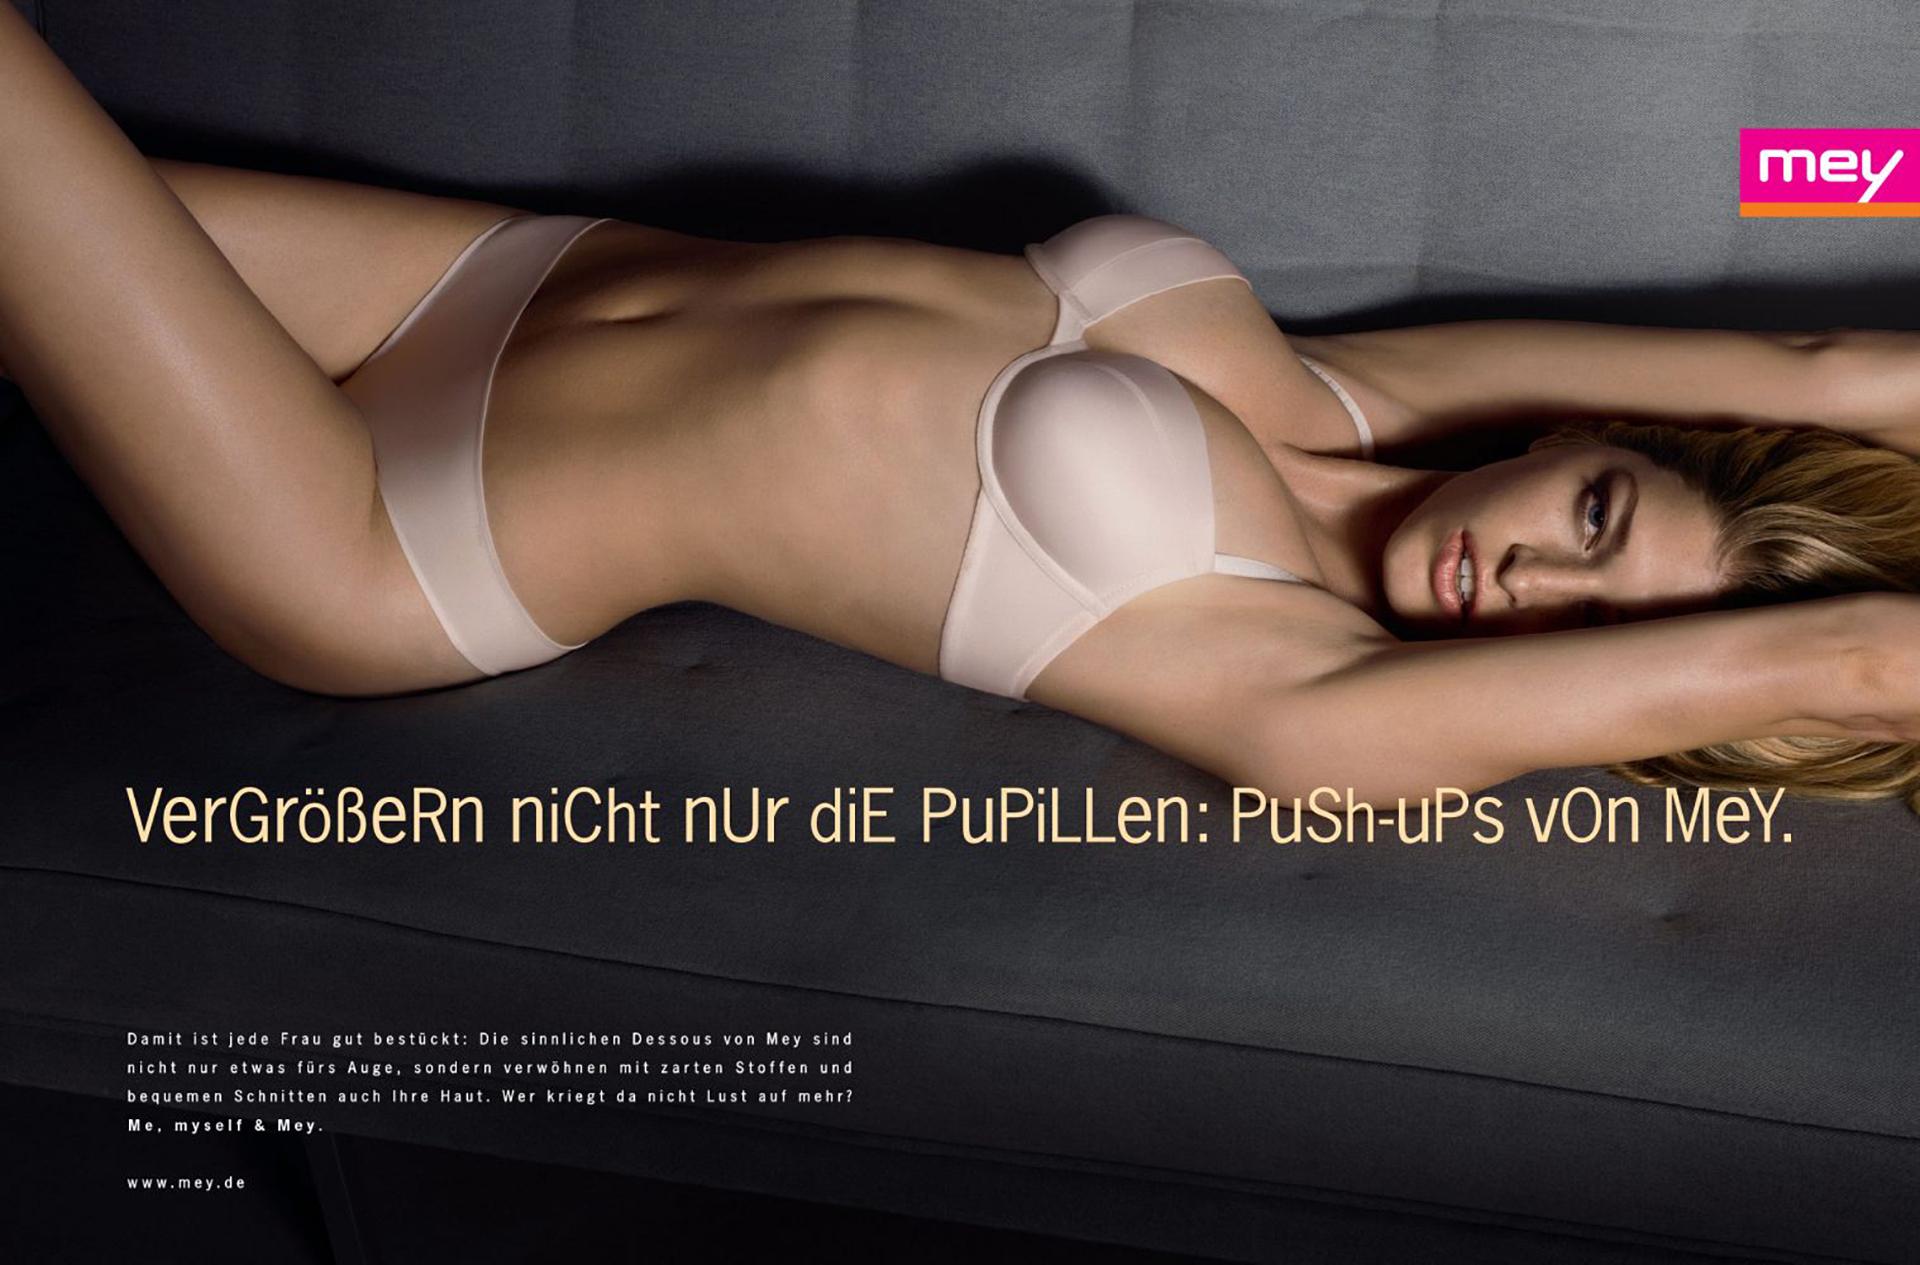 """mey® Werbeanzeige für Push-Up BHs mit dem Slogan """"Vergrößert nicht nur die Pupillen: Push-Ups von Mey."""""""